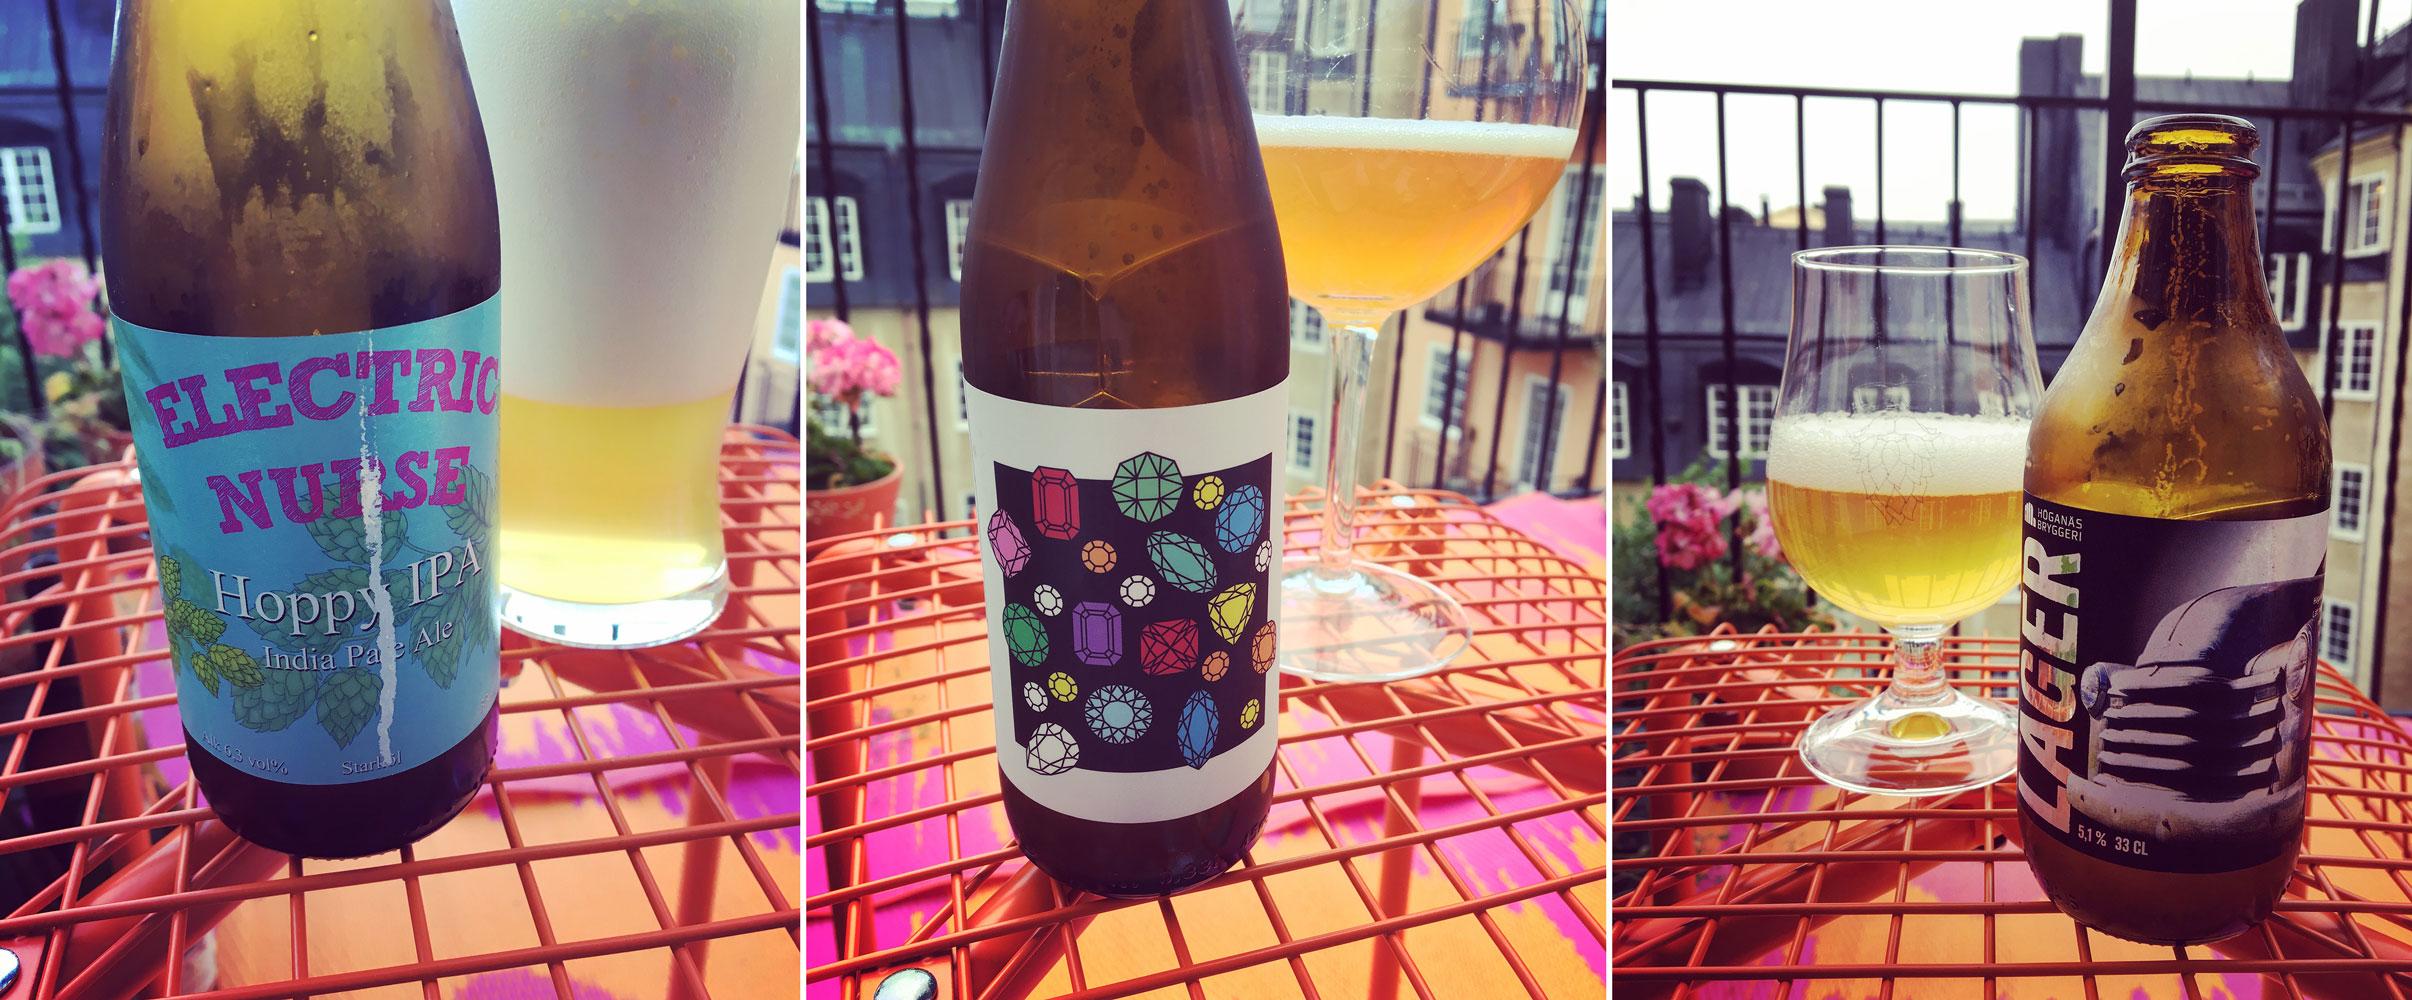 Ölets dag firas alltid den tredje onsdagen i juli. Fler och fler bryggerier ansluter dig. Här tre utmärkta exempel på svensk öl. Foto: Joel Linderoth.